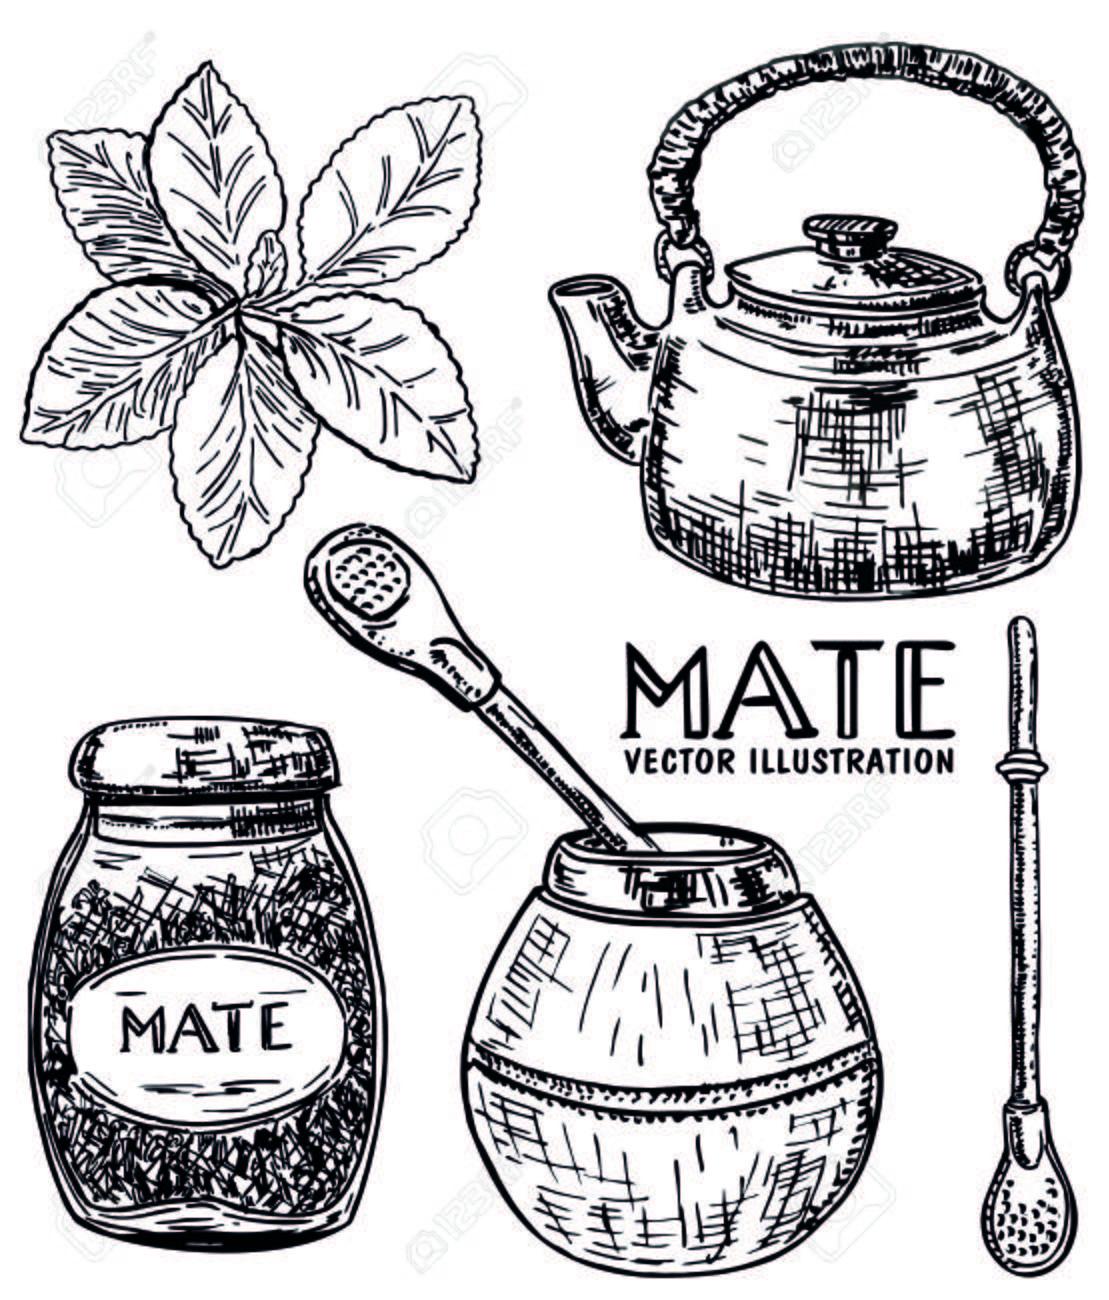 Stock Photo Mate Dibujo Estilos De Dibujo Y Manos Dibujo